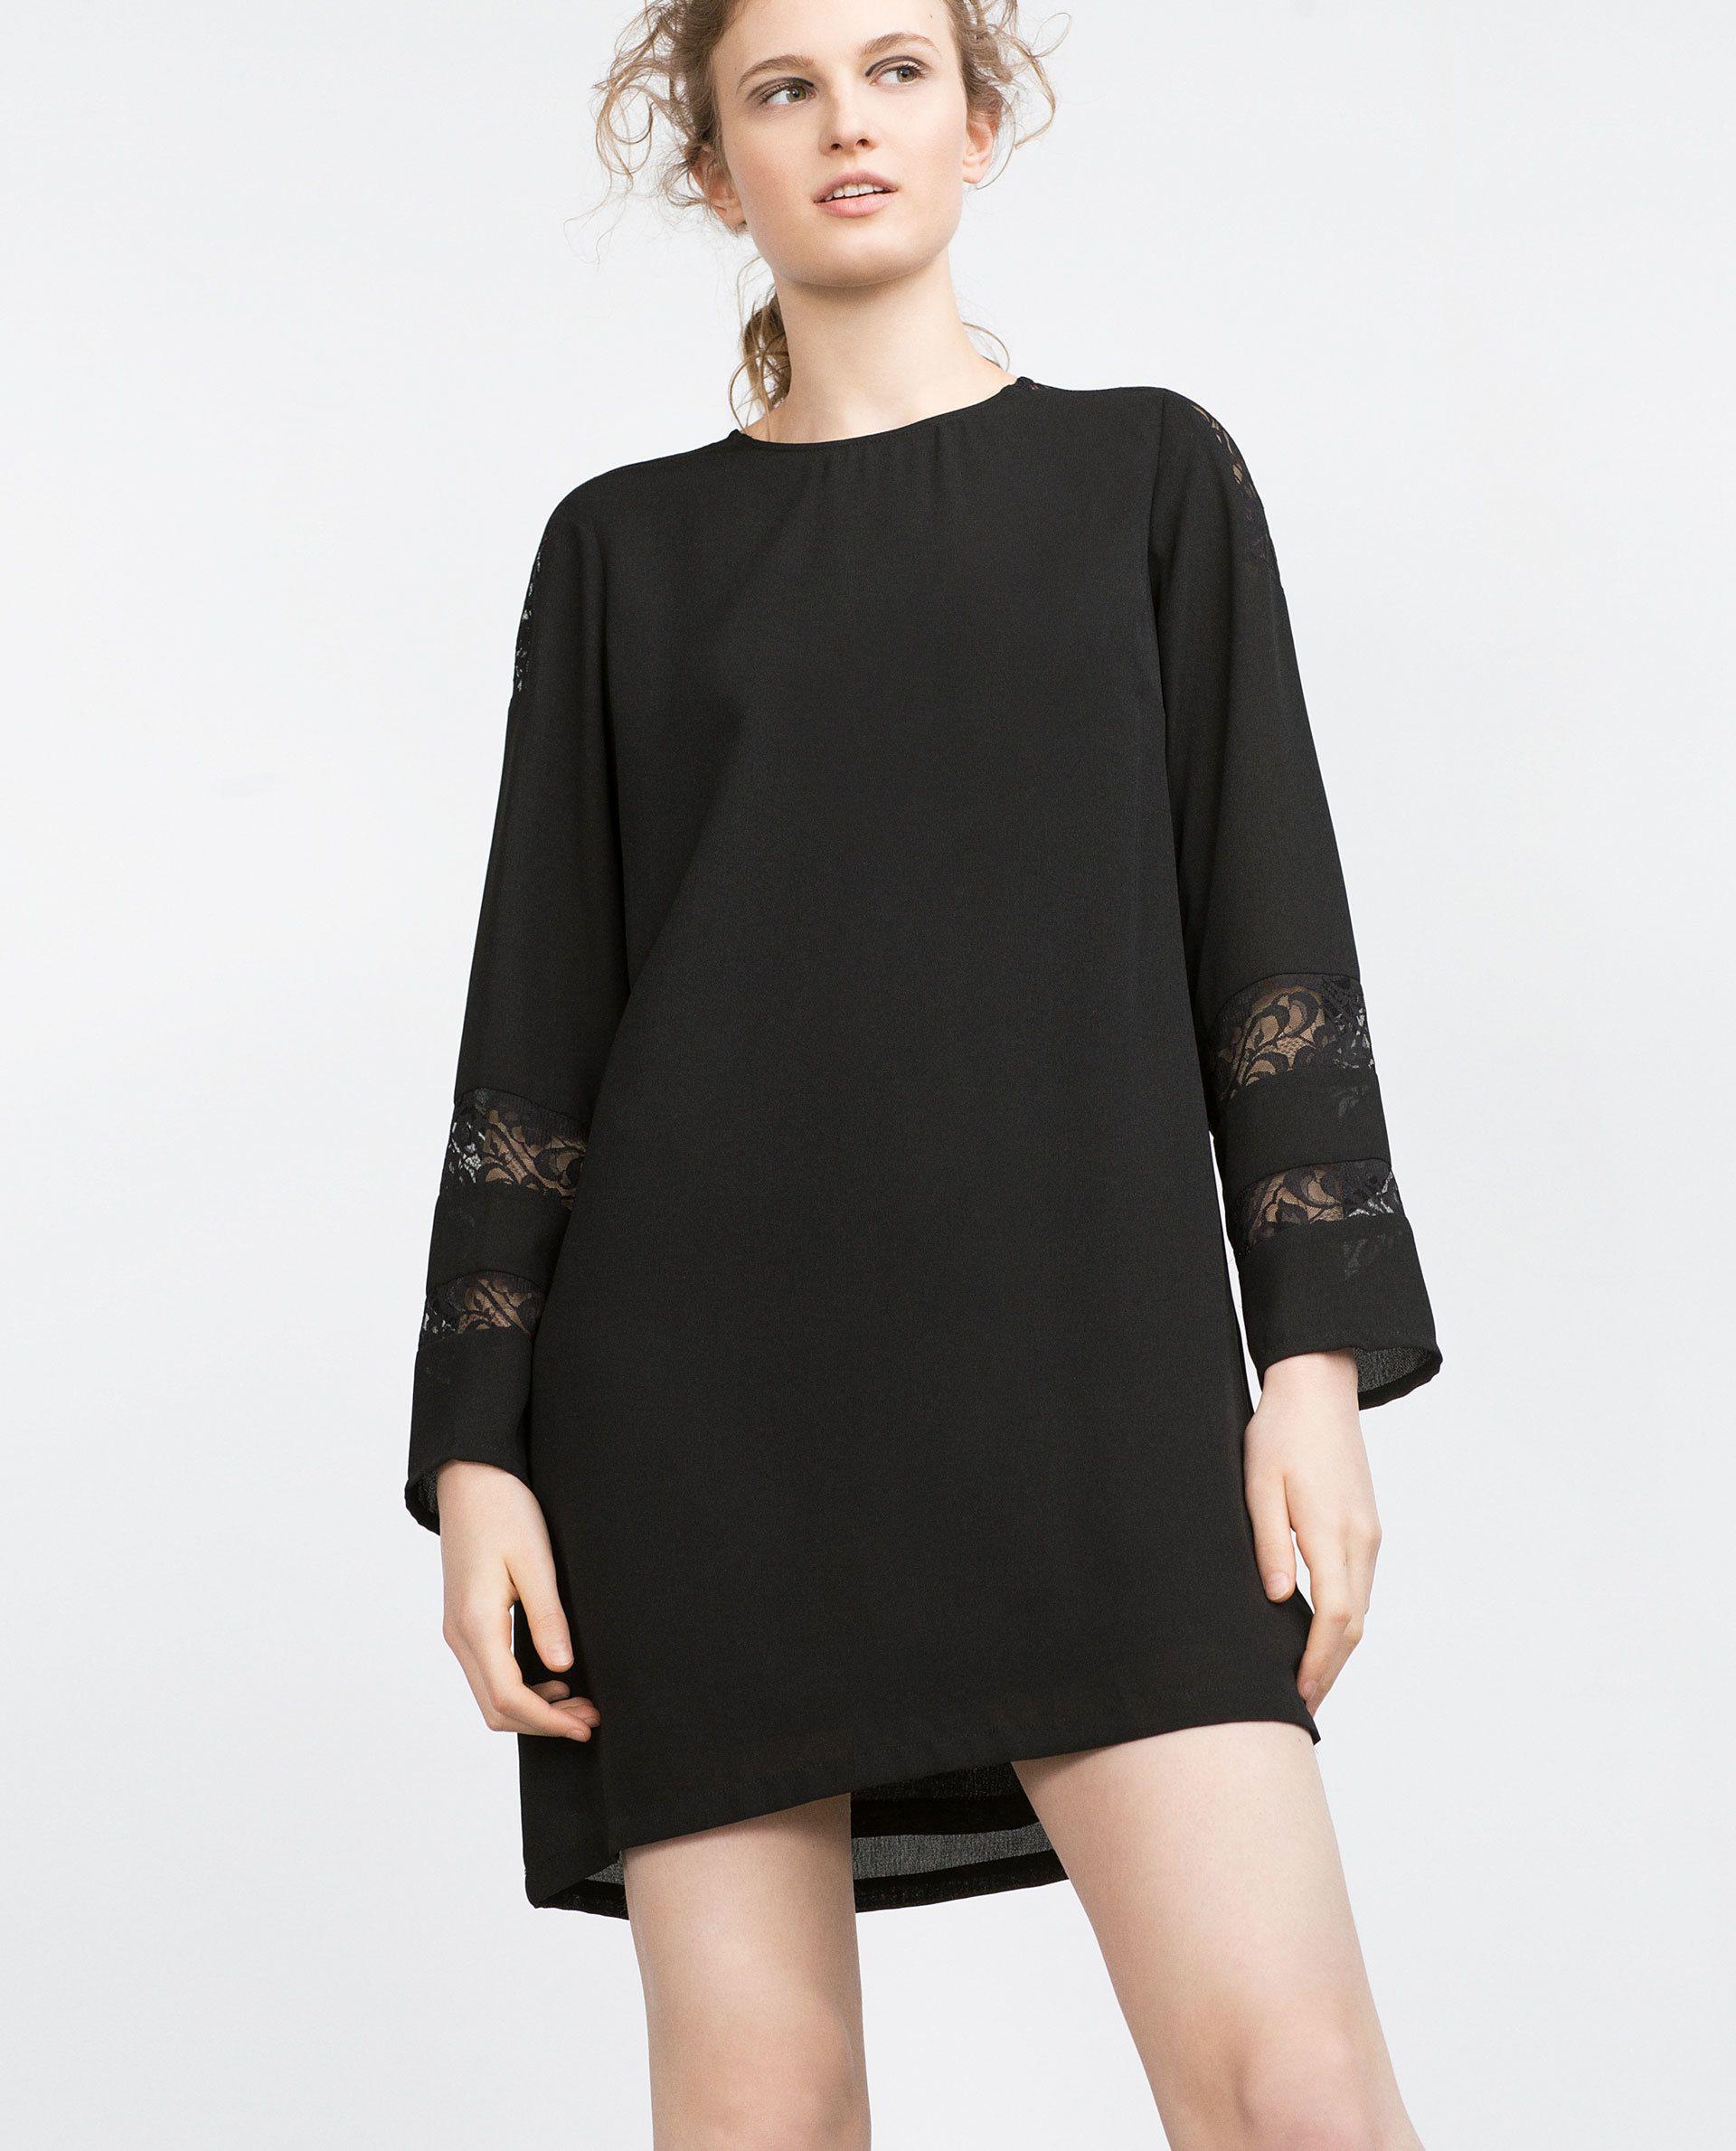 Vestidos moda 2016 zara